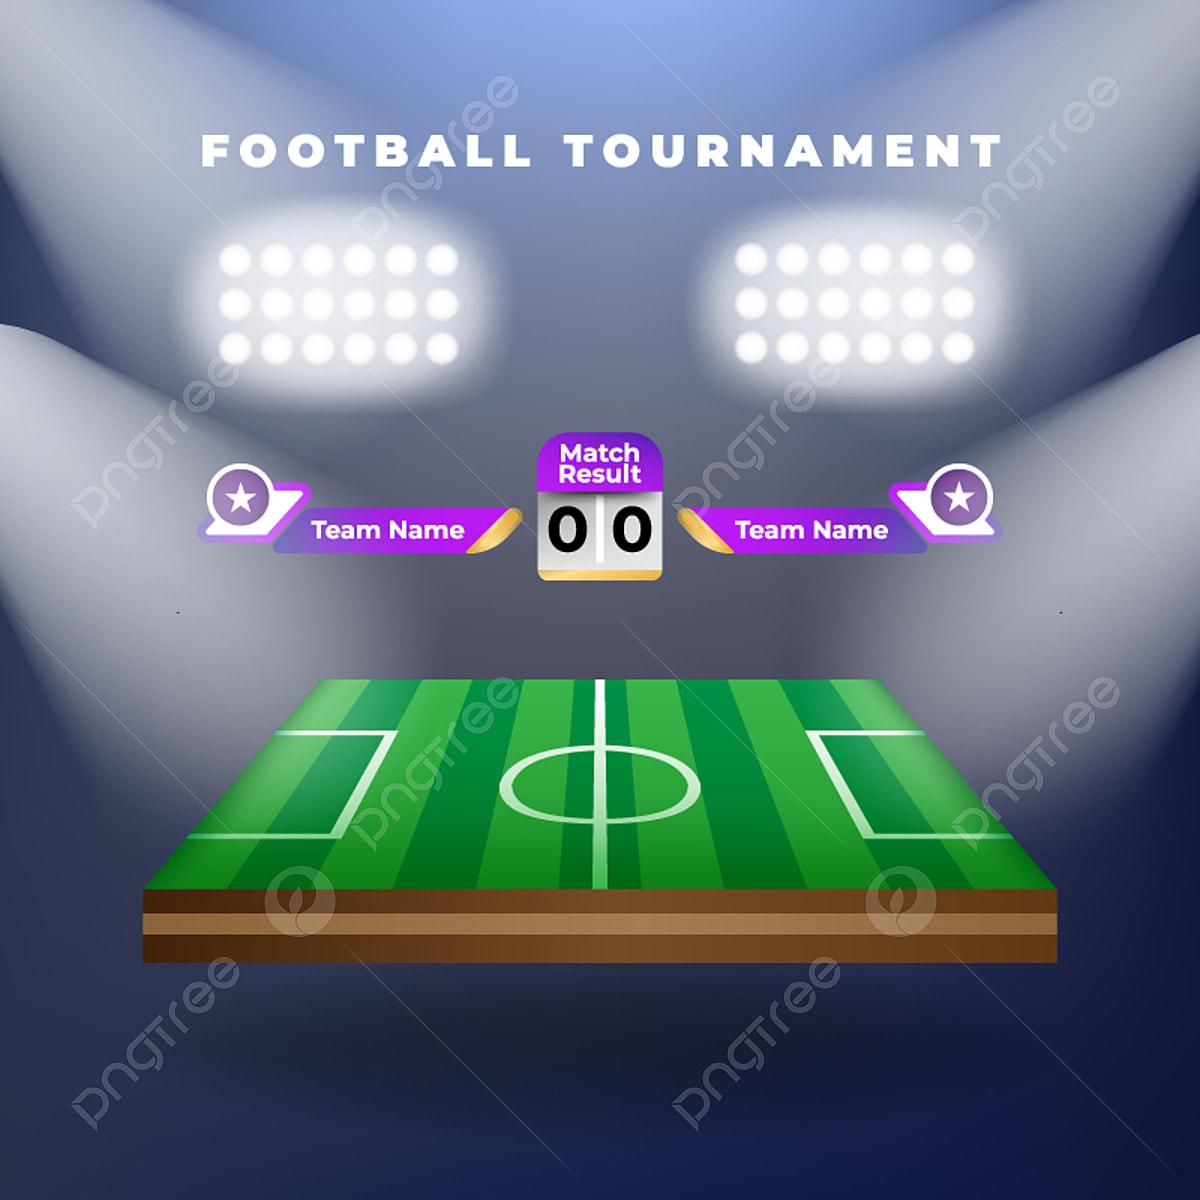 Vector De Equipo De Fútbol Con Marcador Fútbol Puntuación Equipo Png Y Vector Para Descargar Gratis Pngtree